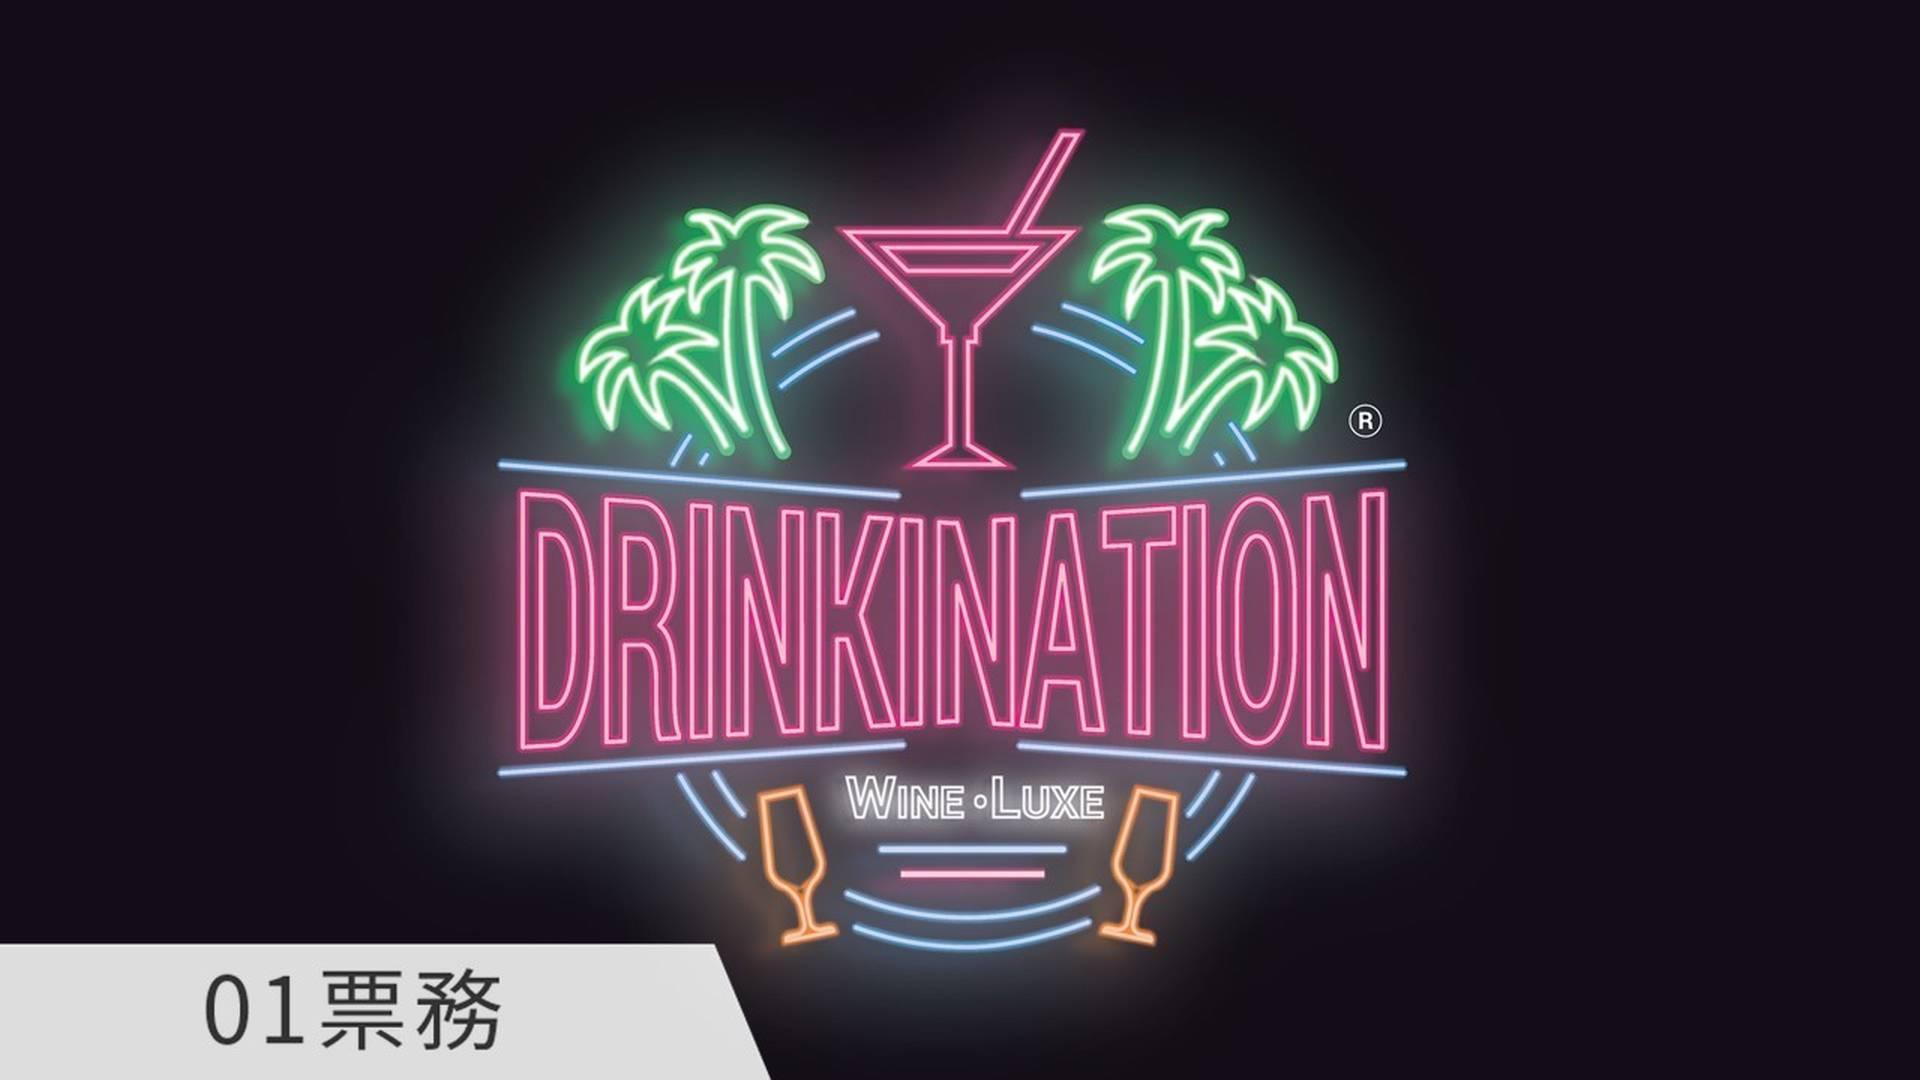 【大型品酒活動】Wine Luxe 10th Anniversary Presents: Drinkination Hong Kong 2020 (前稱ALCOHOLAND)